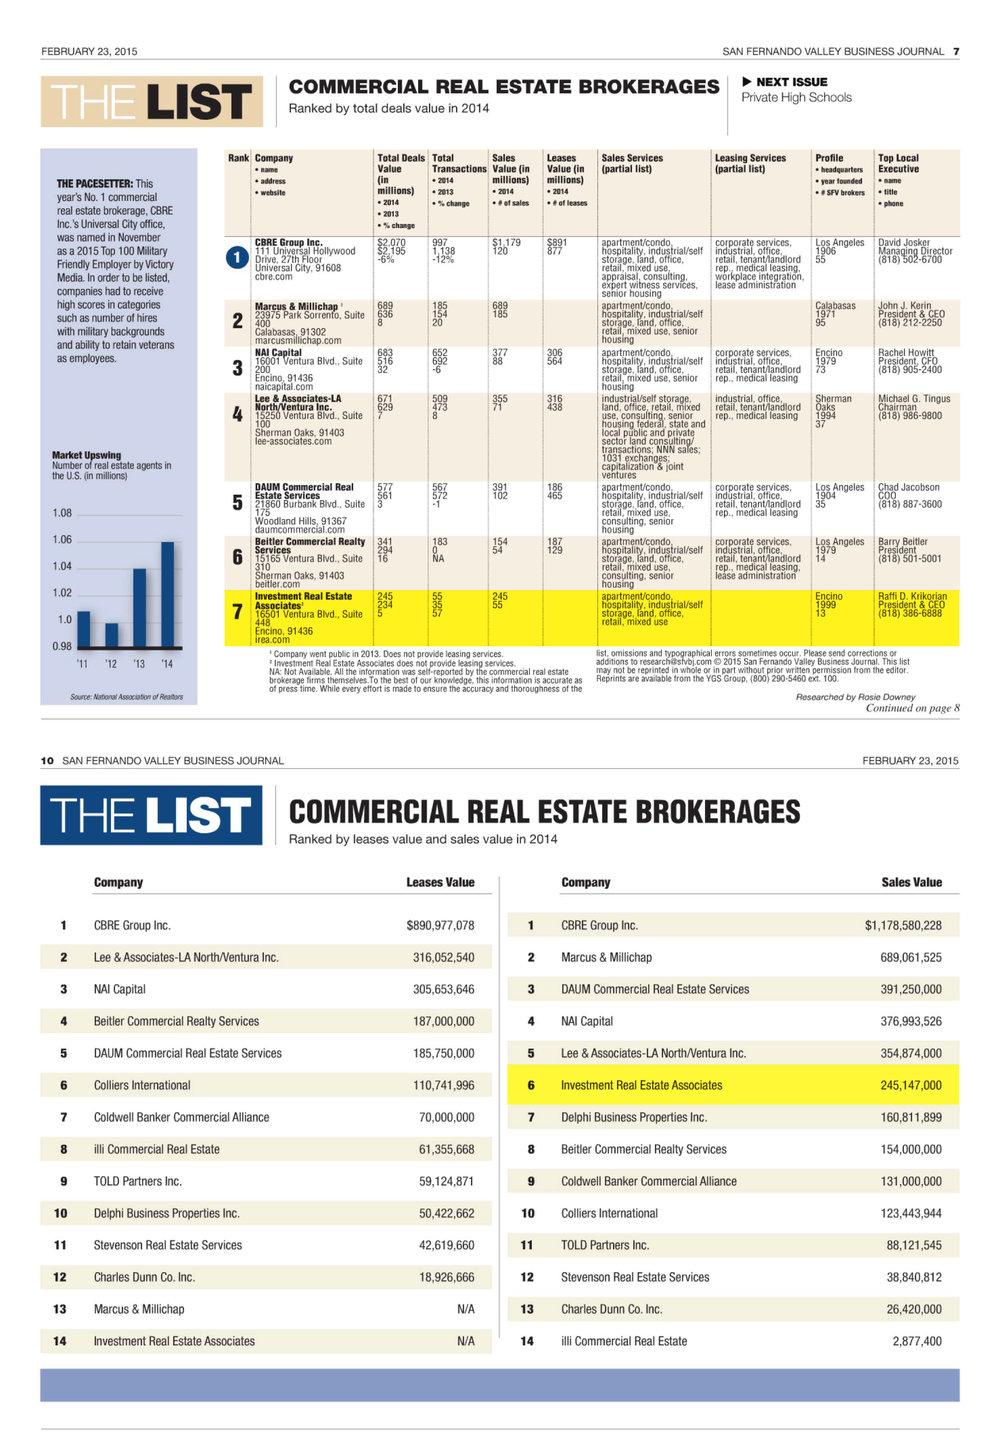 San Fernando Business Journal ranks IREA #7 in total deal value in 2014